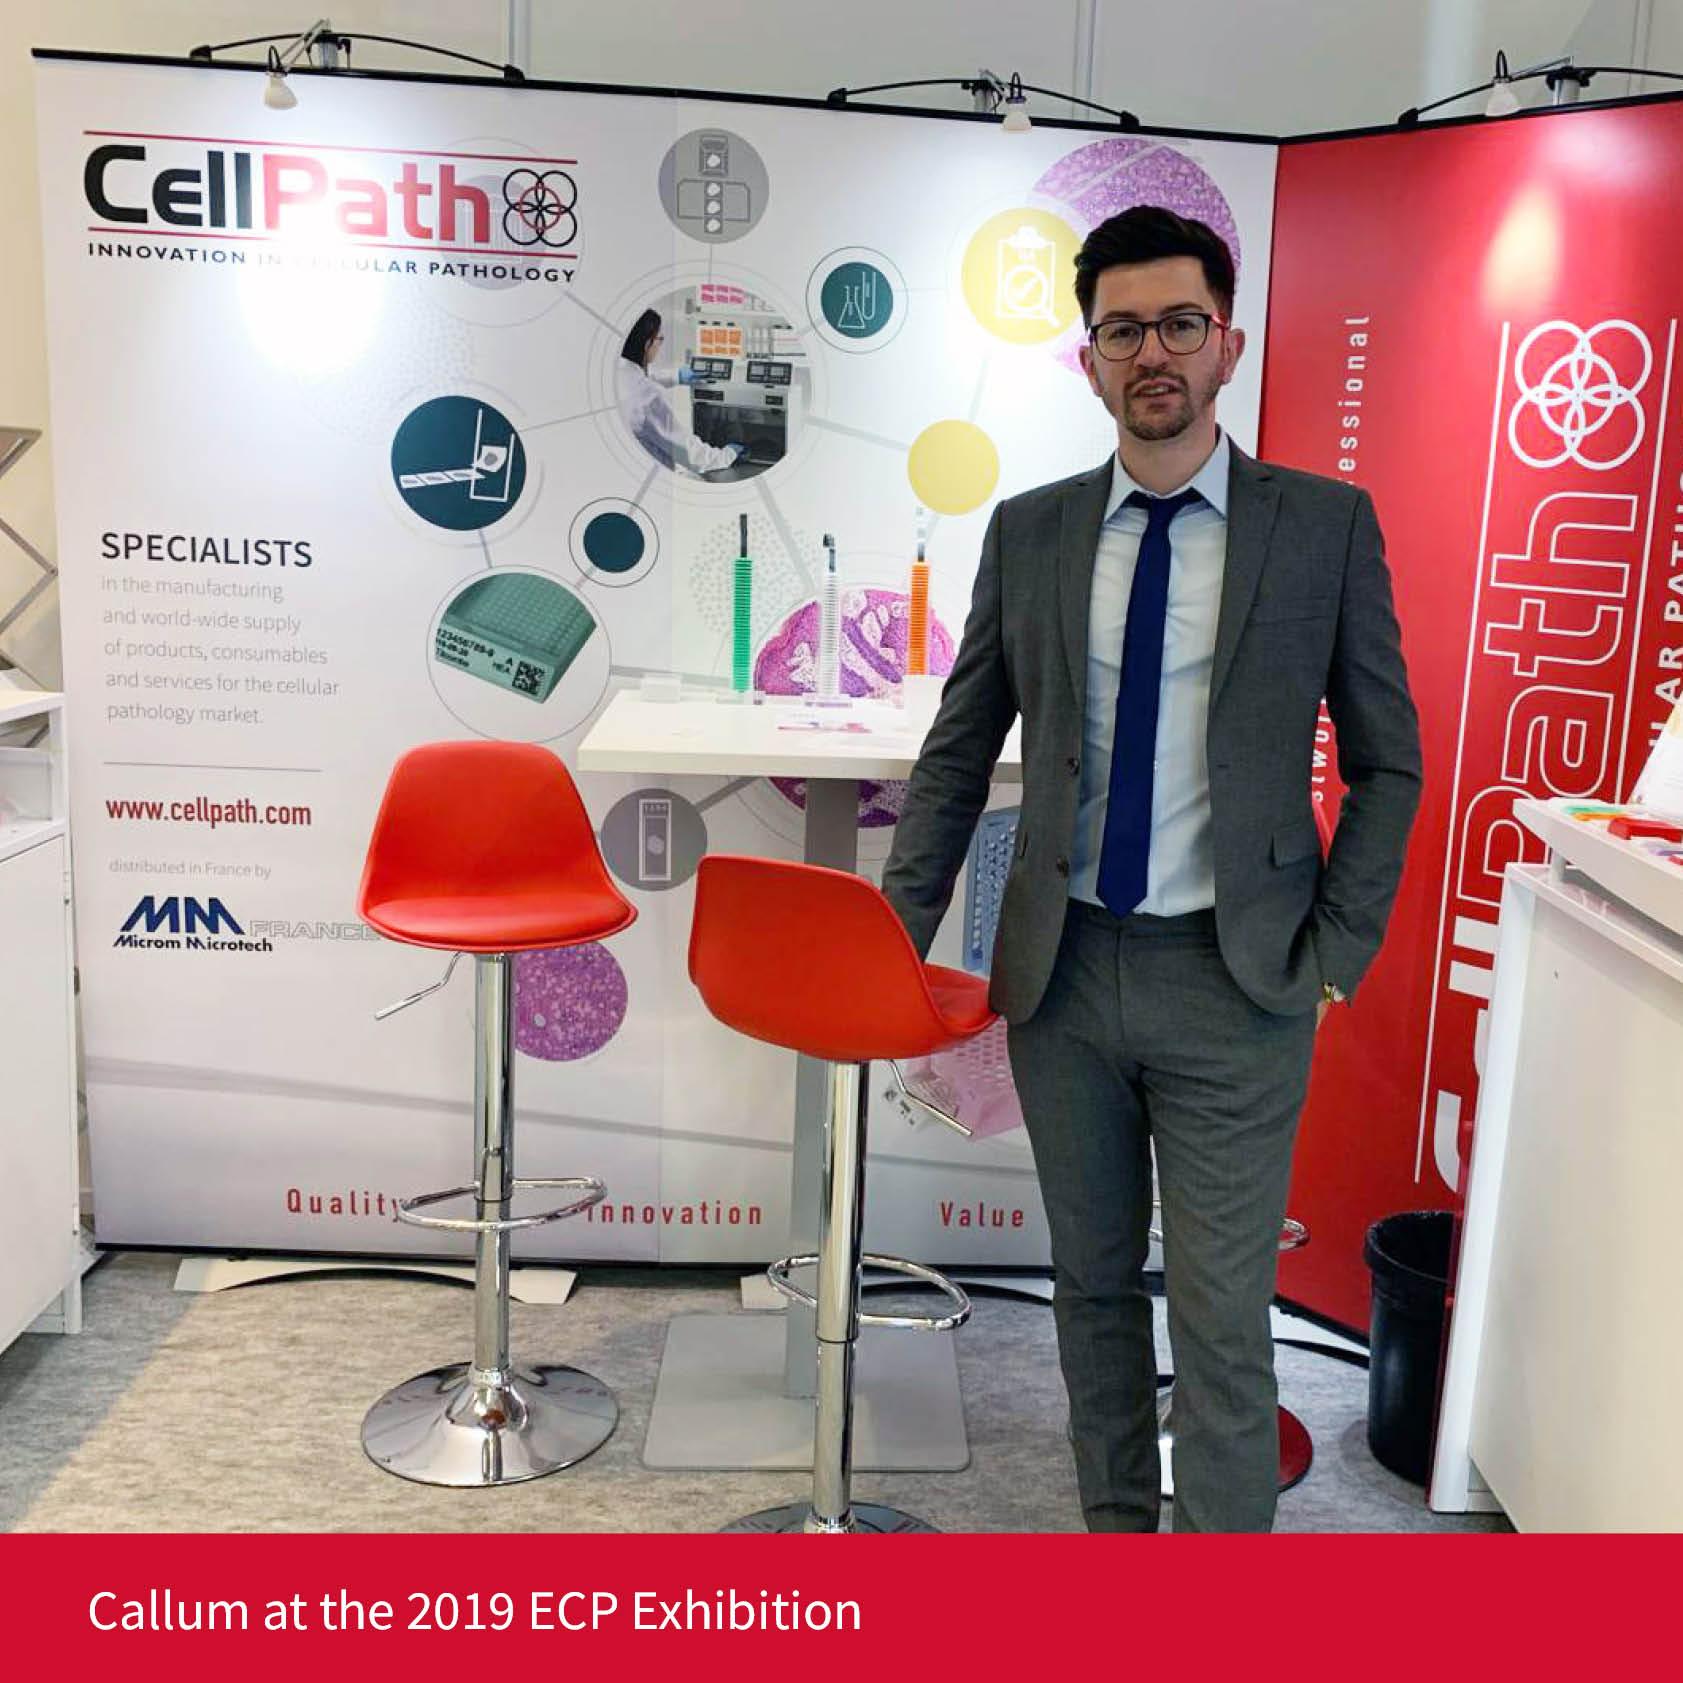 Callum at the 2019 ECP Exhibition